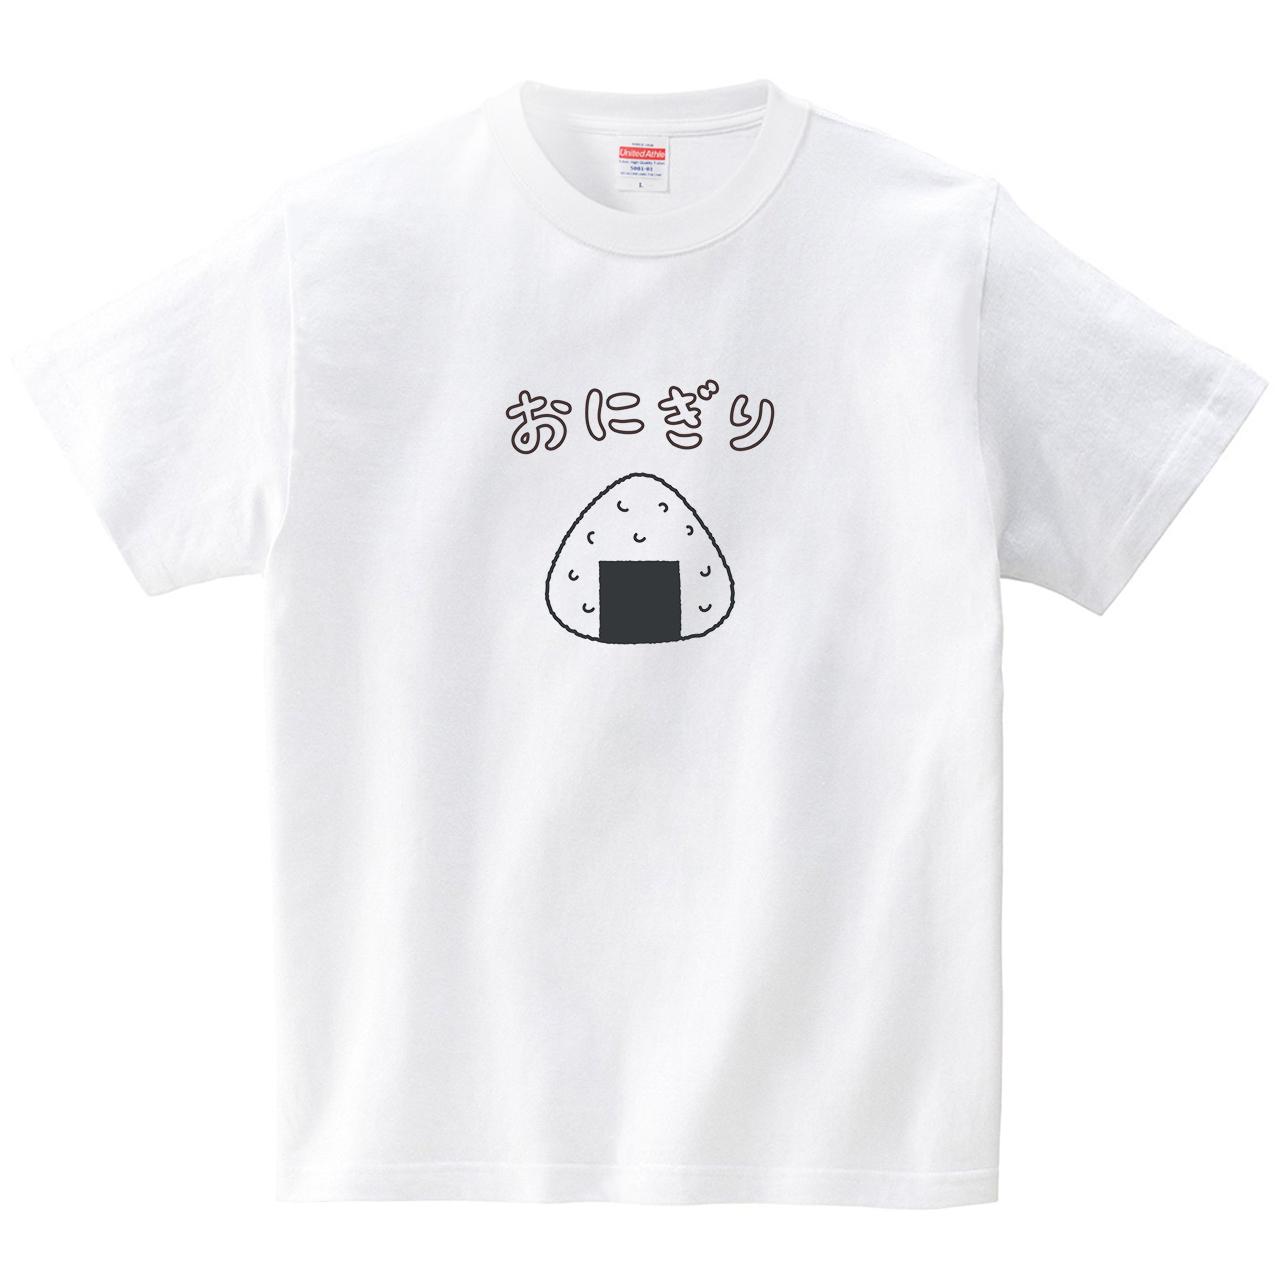 シンプルおにぎり(Tシャツ・ホワイト)(あずき*)